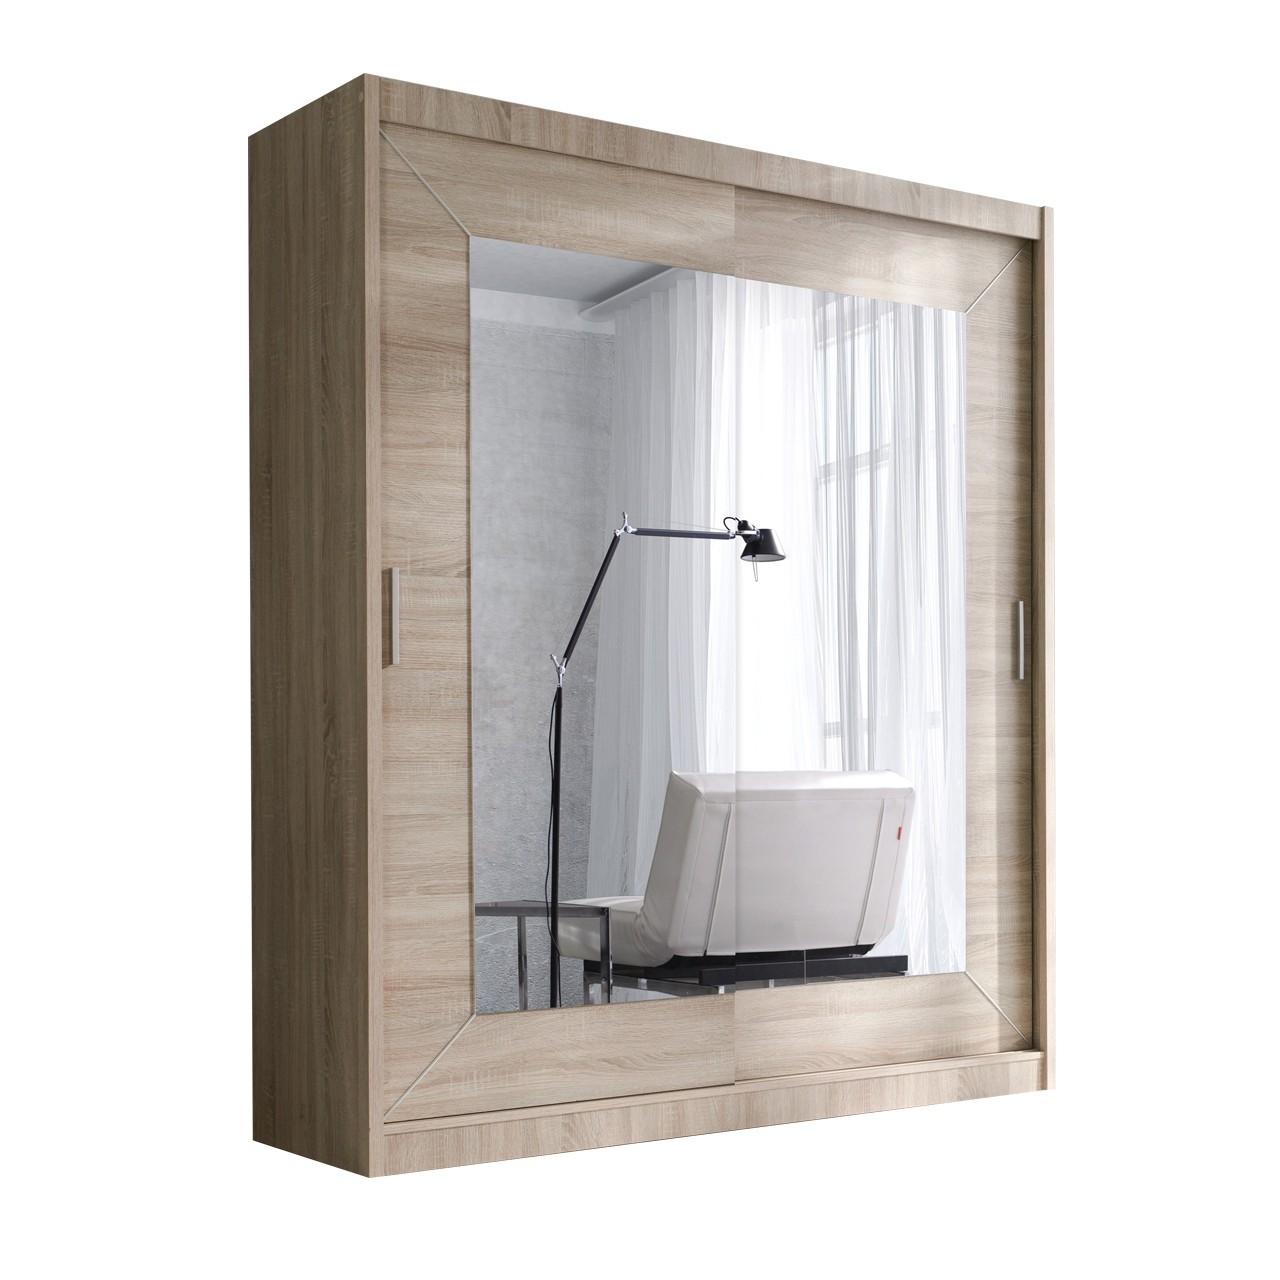 kleiderschrank mit spiegel kleiderschrank wei schwarz mit. Black Bedroom Furniture Sets. Home Design Ideas